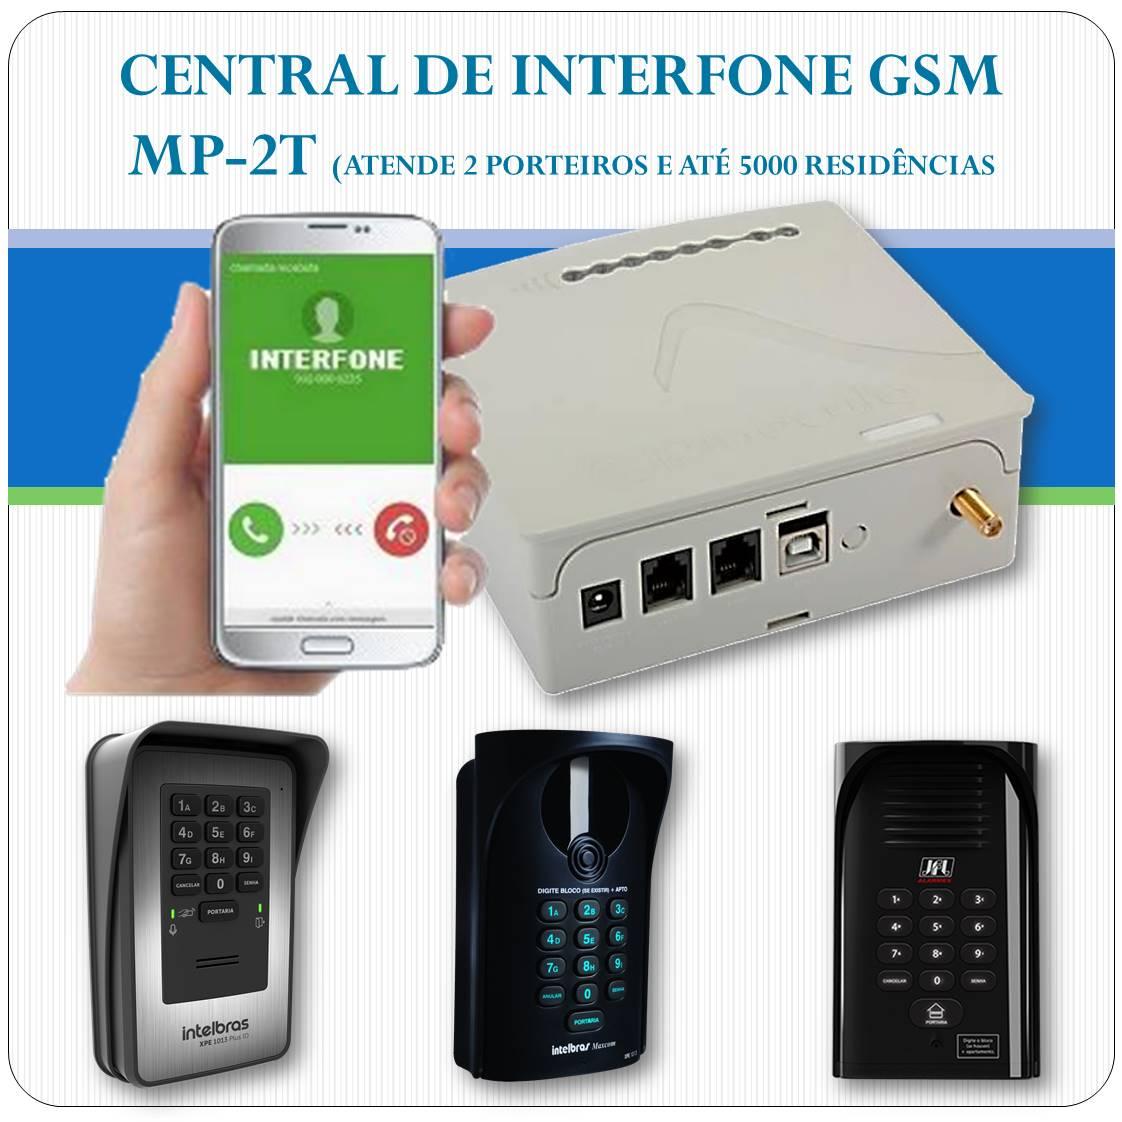 Central de porteiro eletrônico GSM (via celular)